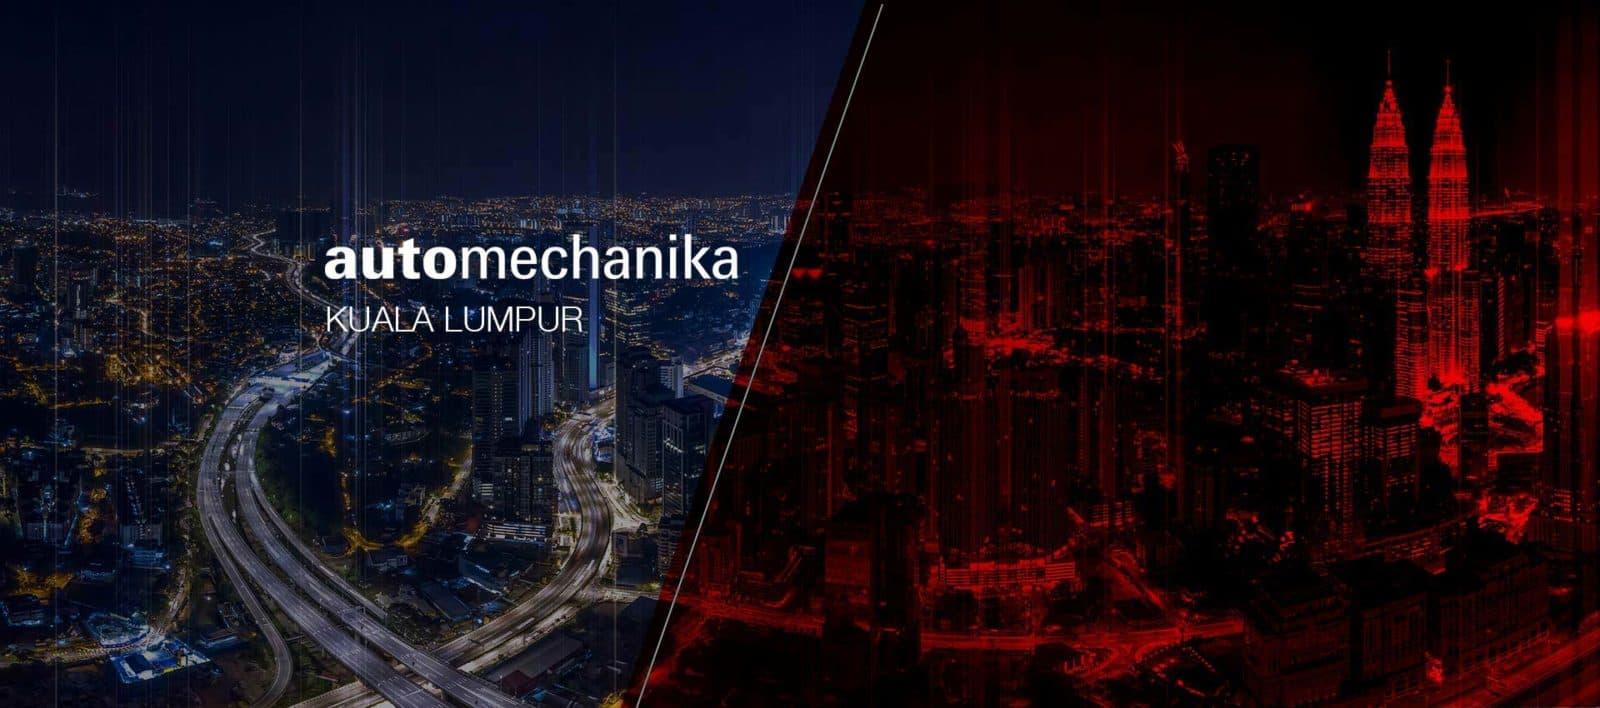 automechanika-Kuala-Lumpur